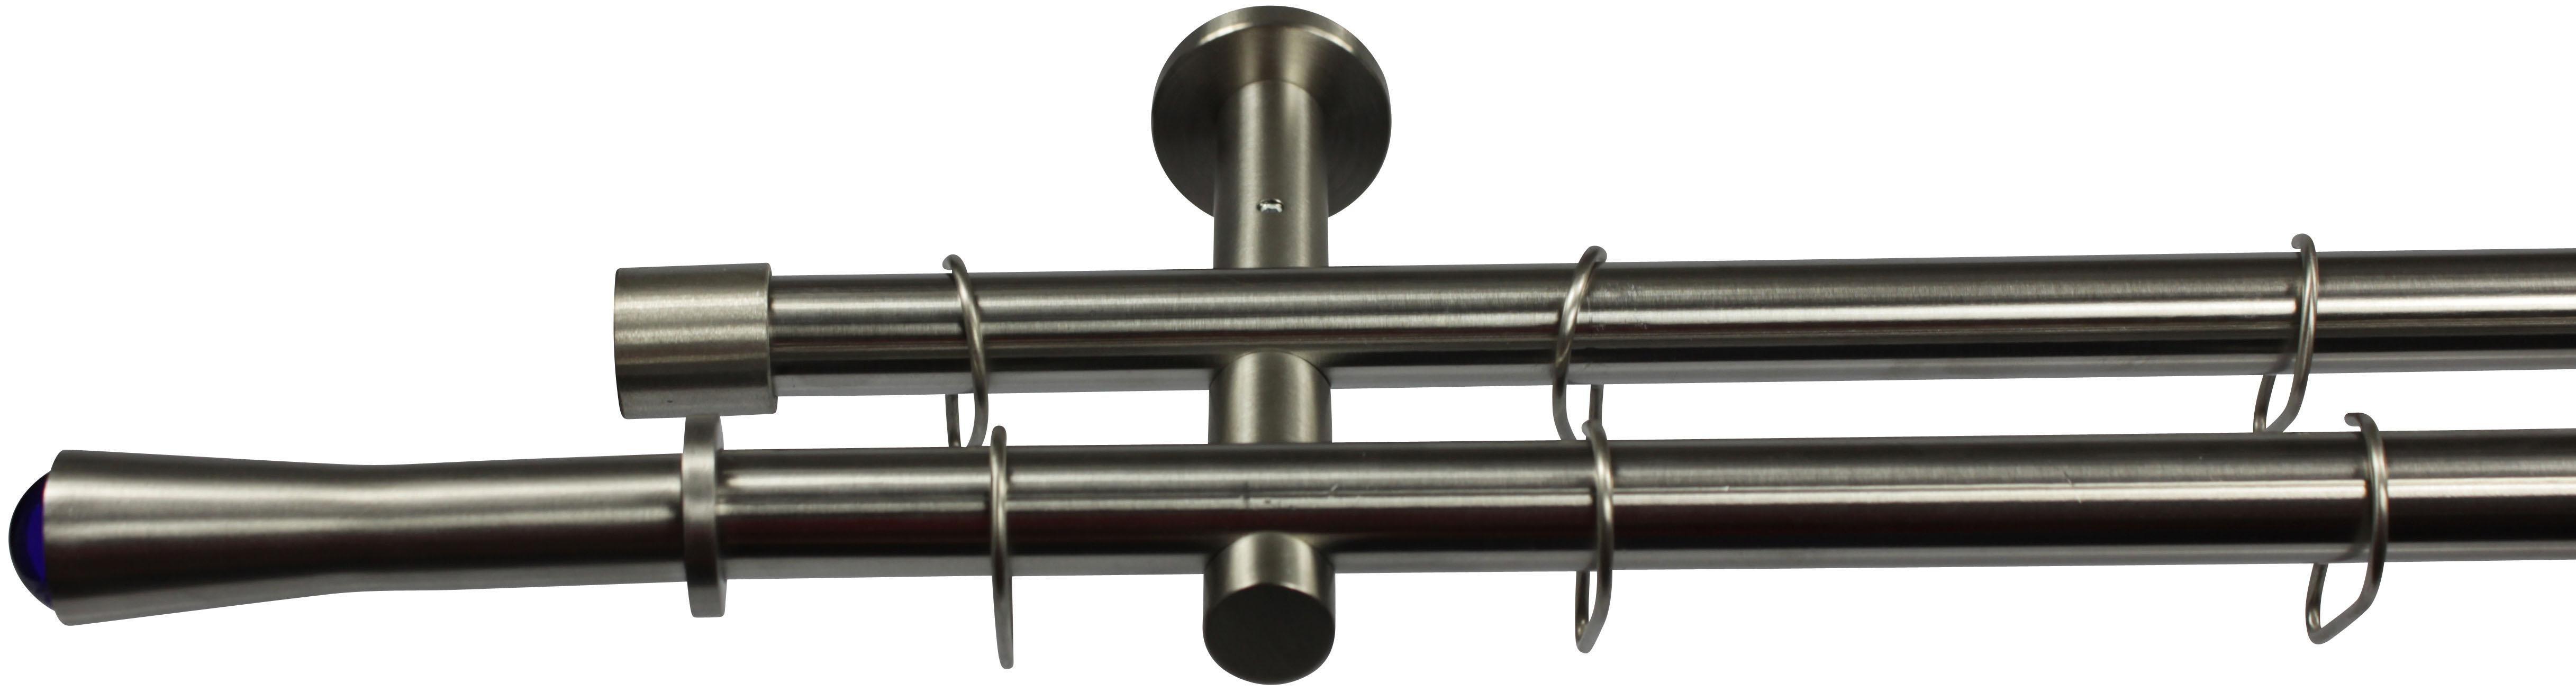 Gardinenstange, Garesa, »Silaro«, 1- oder 2-läufig nach Maß, ø 16mm | Heimtextilien > Gardinen und Vorhänge > Gardinenstangen | GARESA